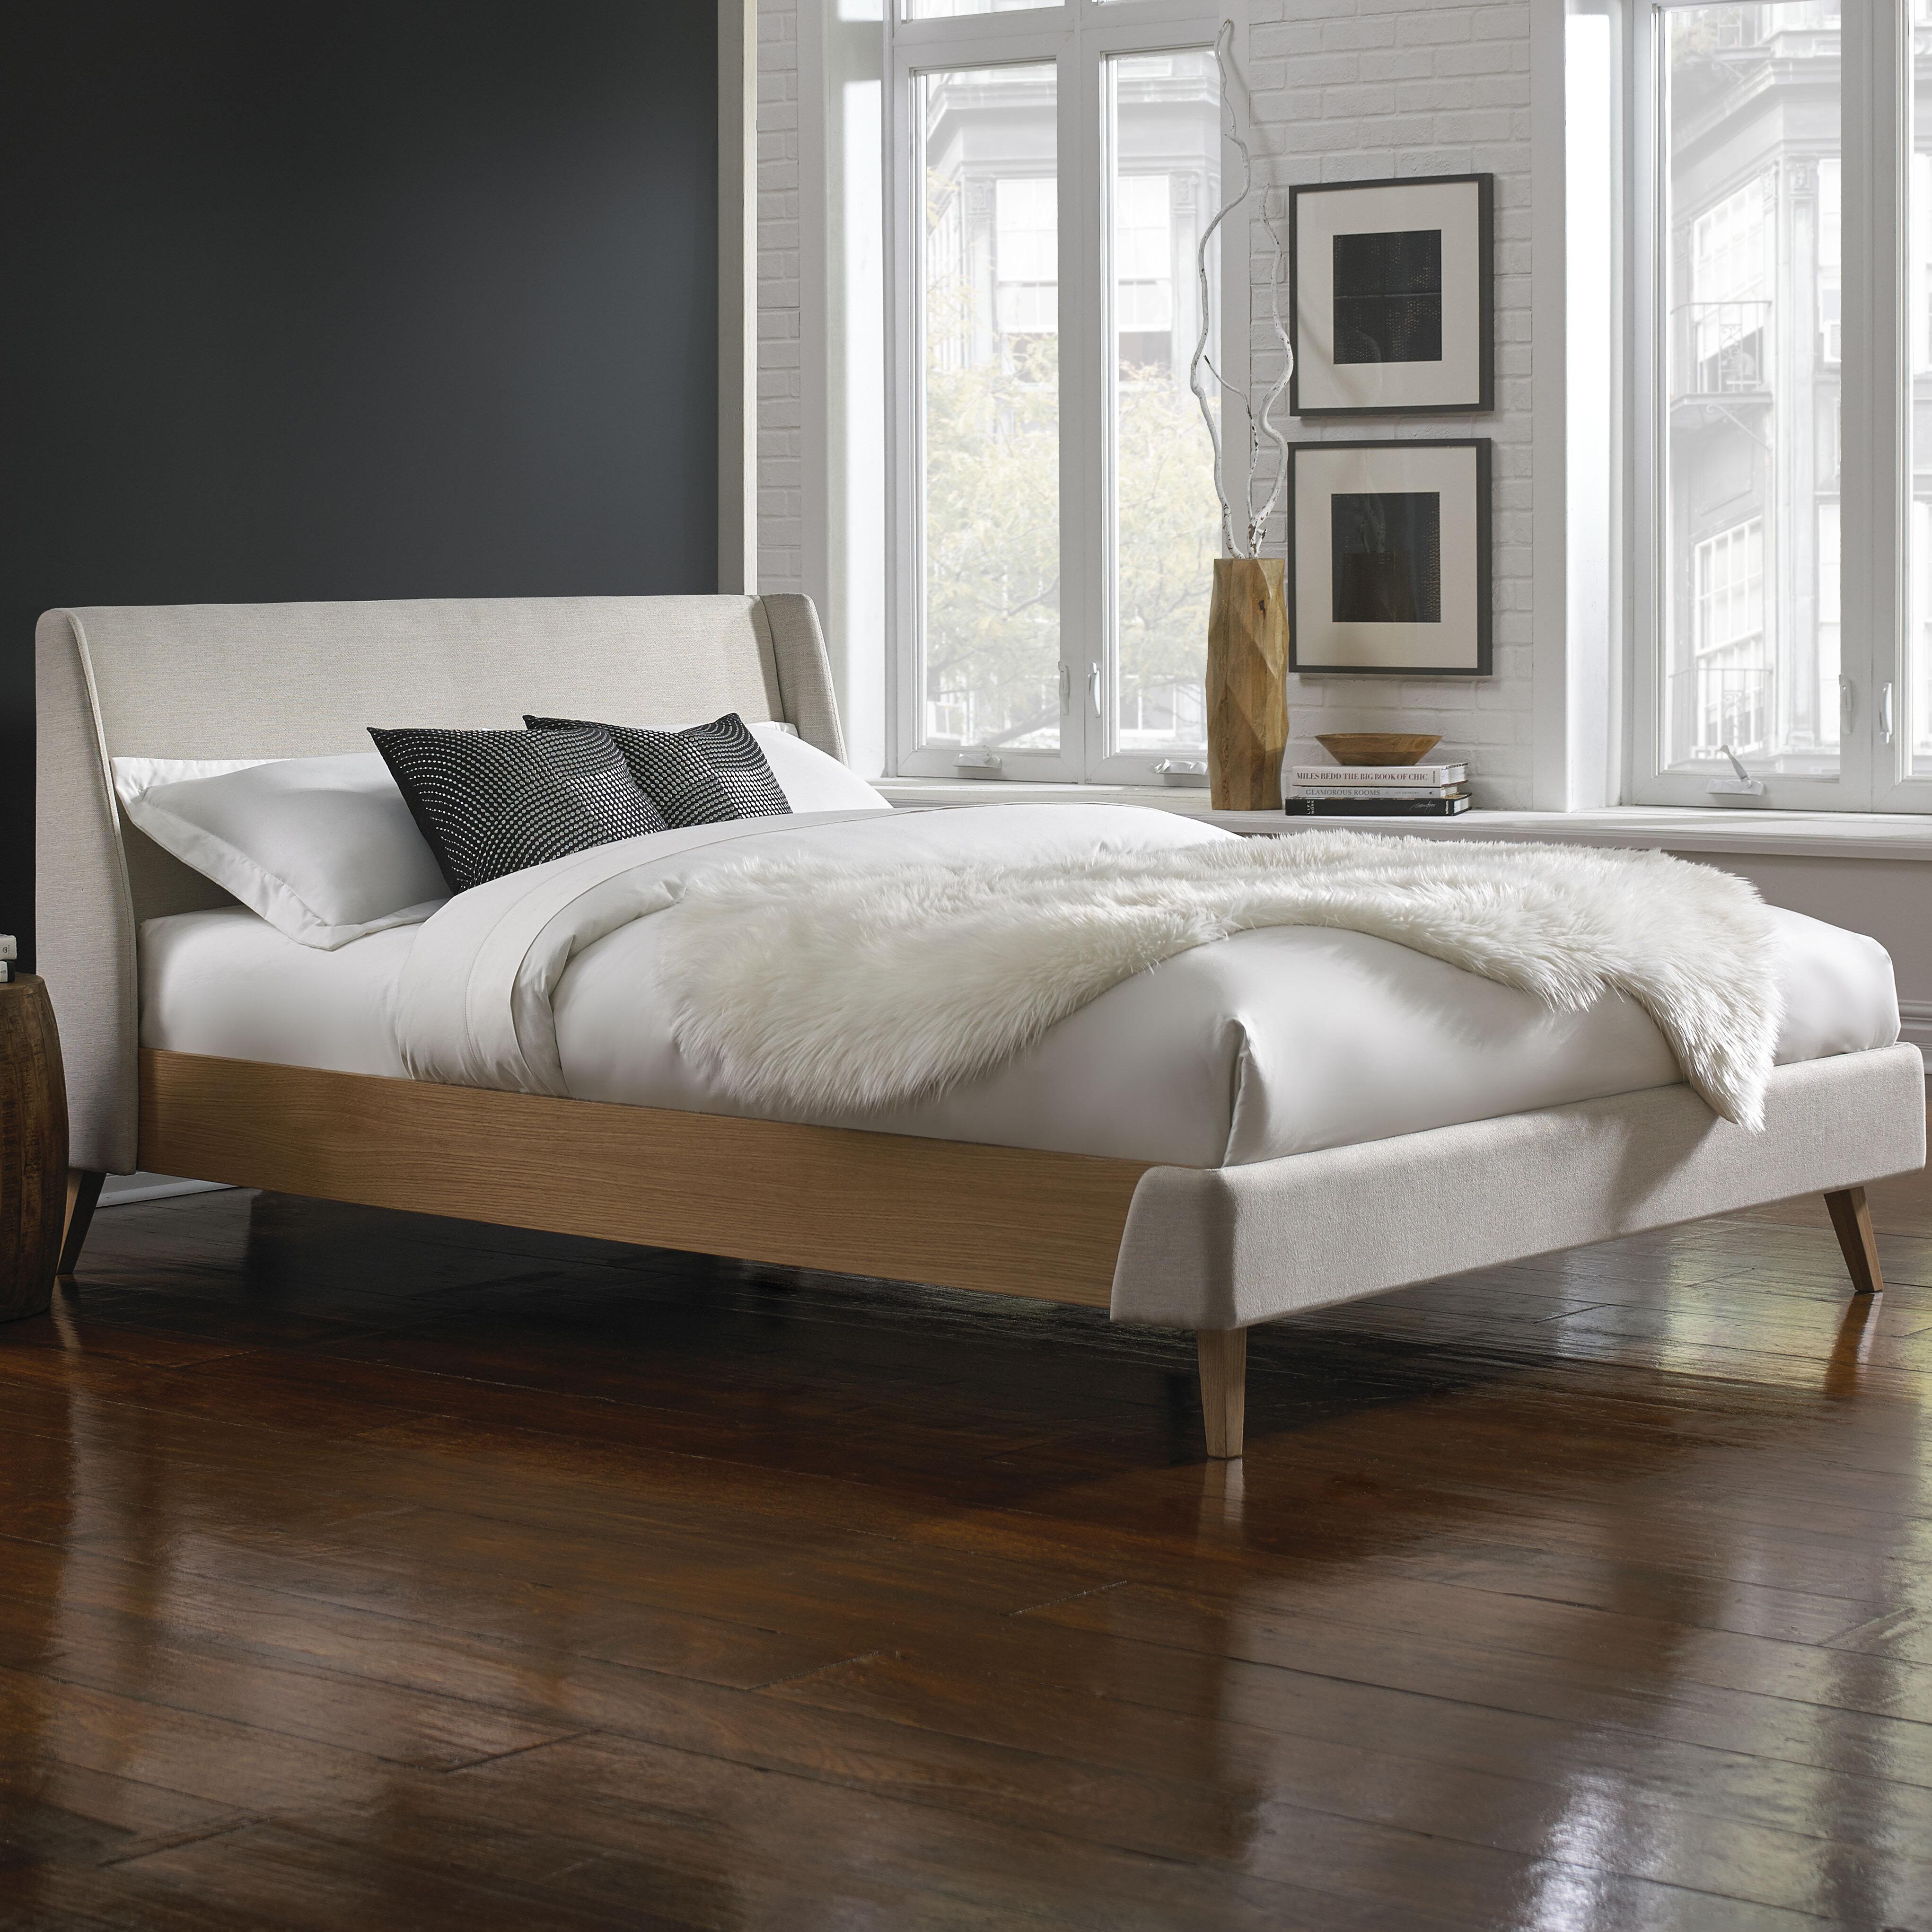 palmer upholstered platform bed allmodern